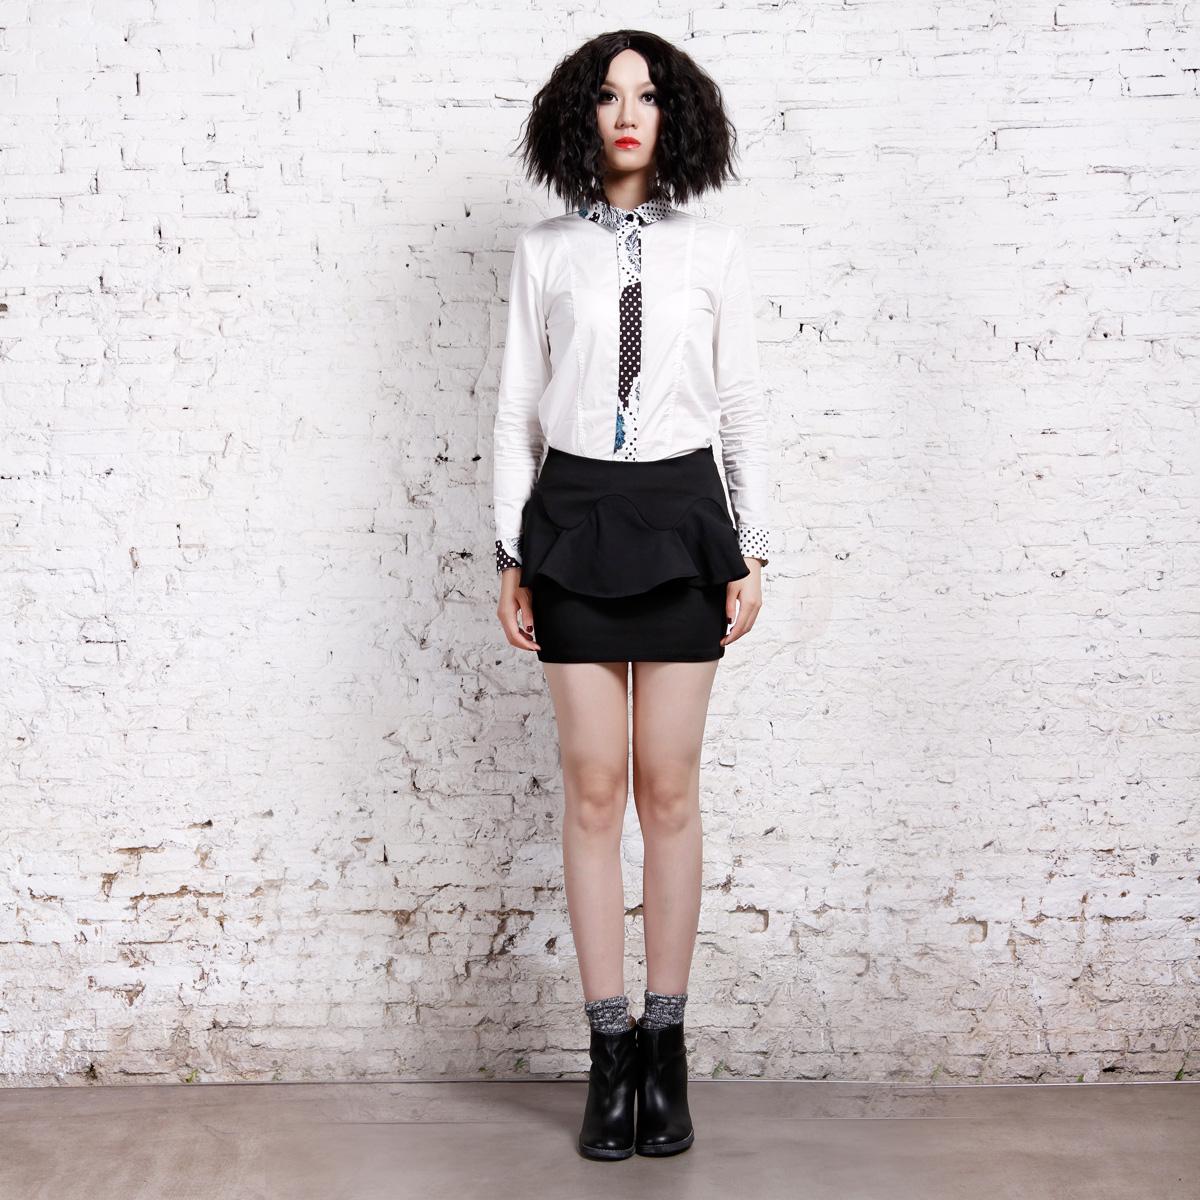 独立设计师欧美sungdo gin秋款纯色弹力荷叶褶短裙半裙